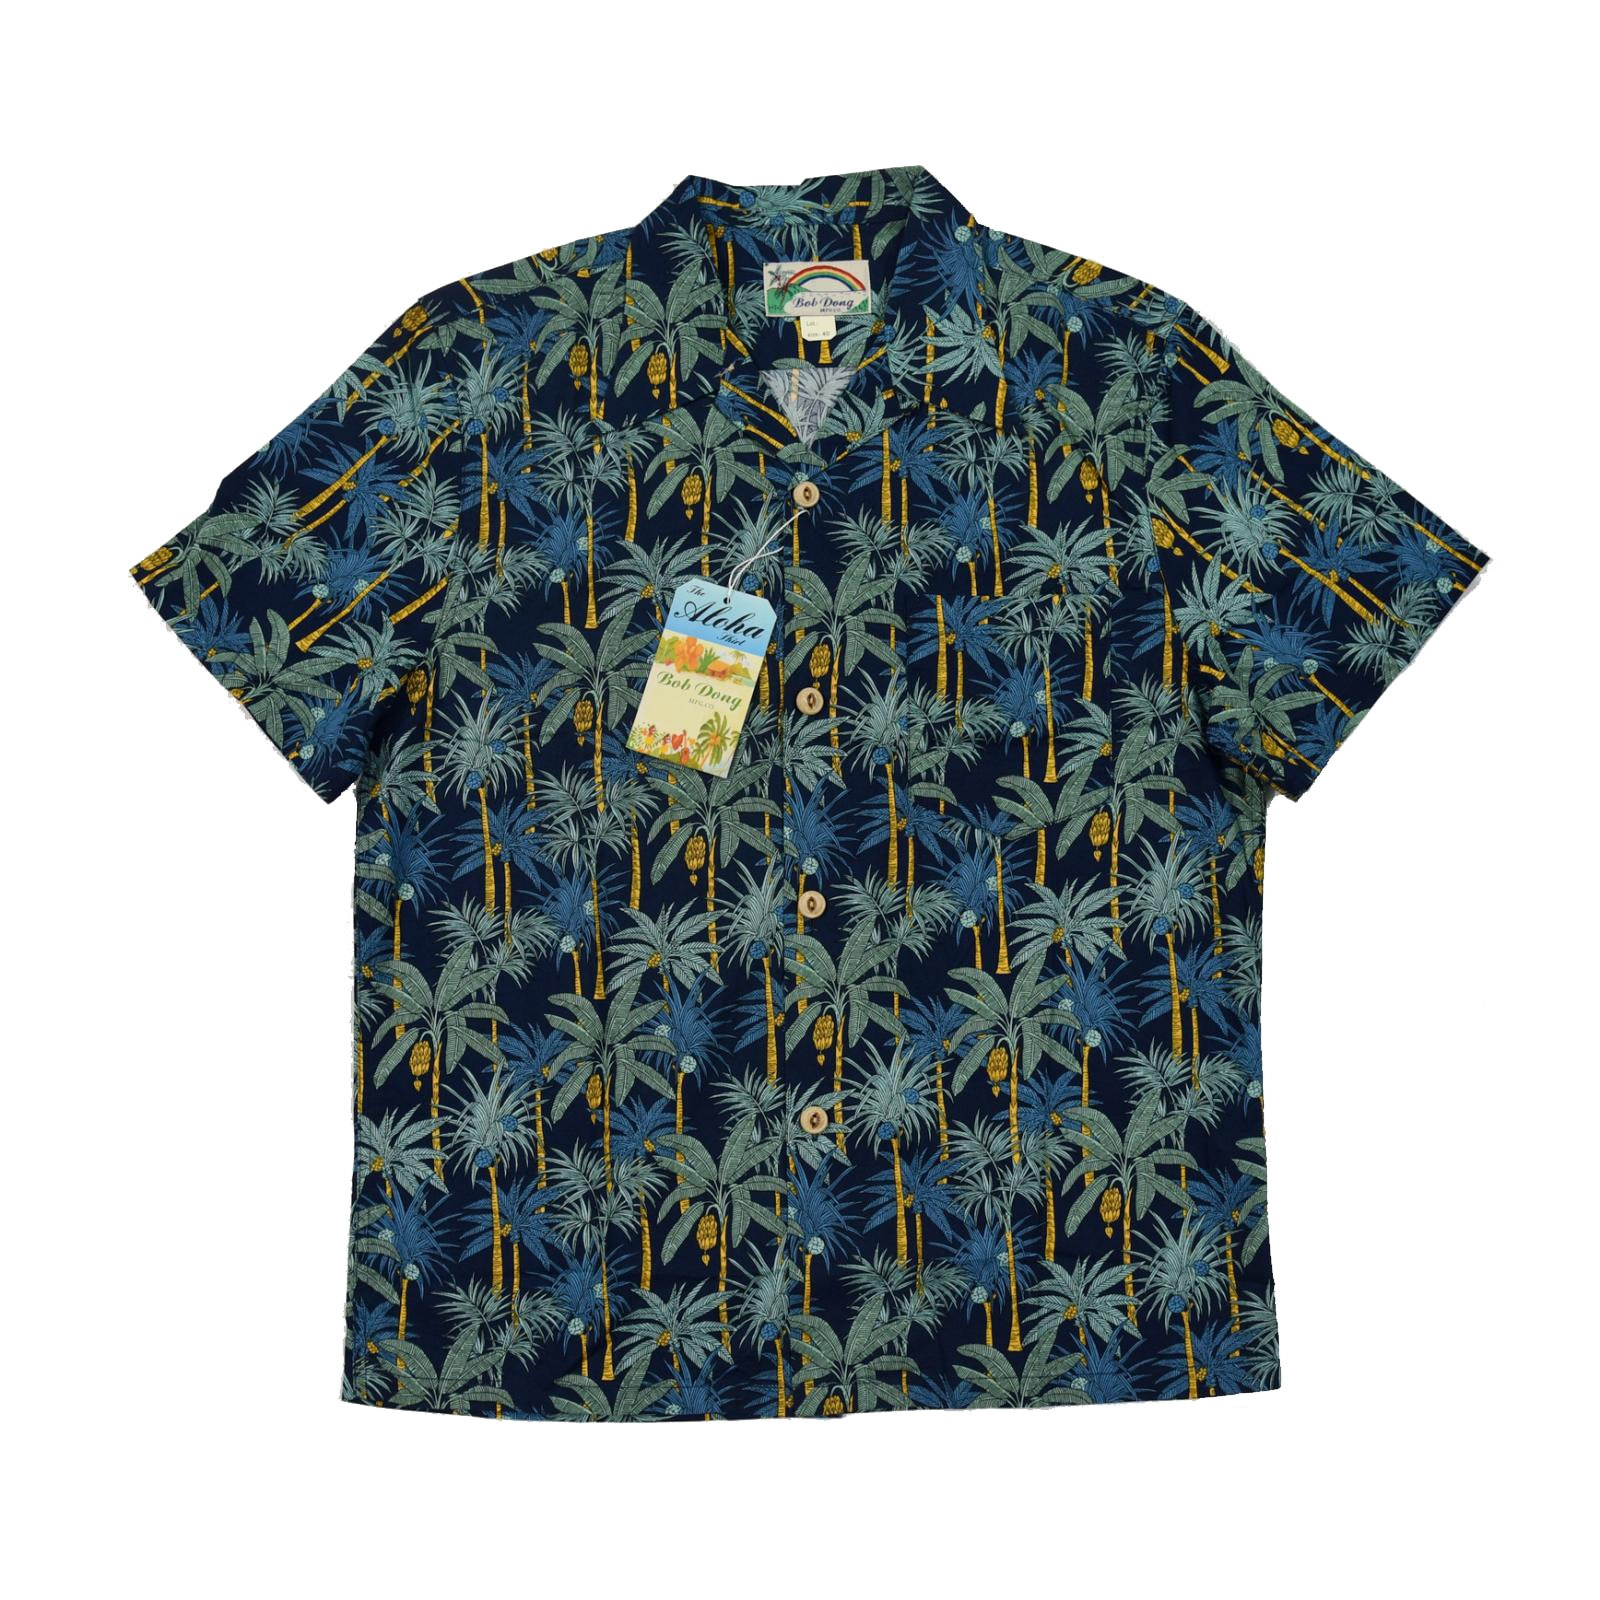 Гавайские рубашки с принтом ладони, воротник лагеря, мужские тропические футболки Aloha